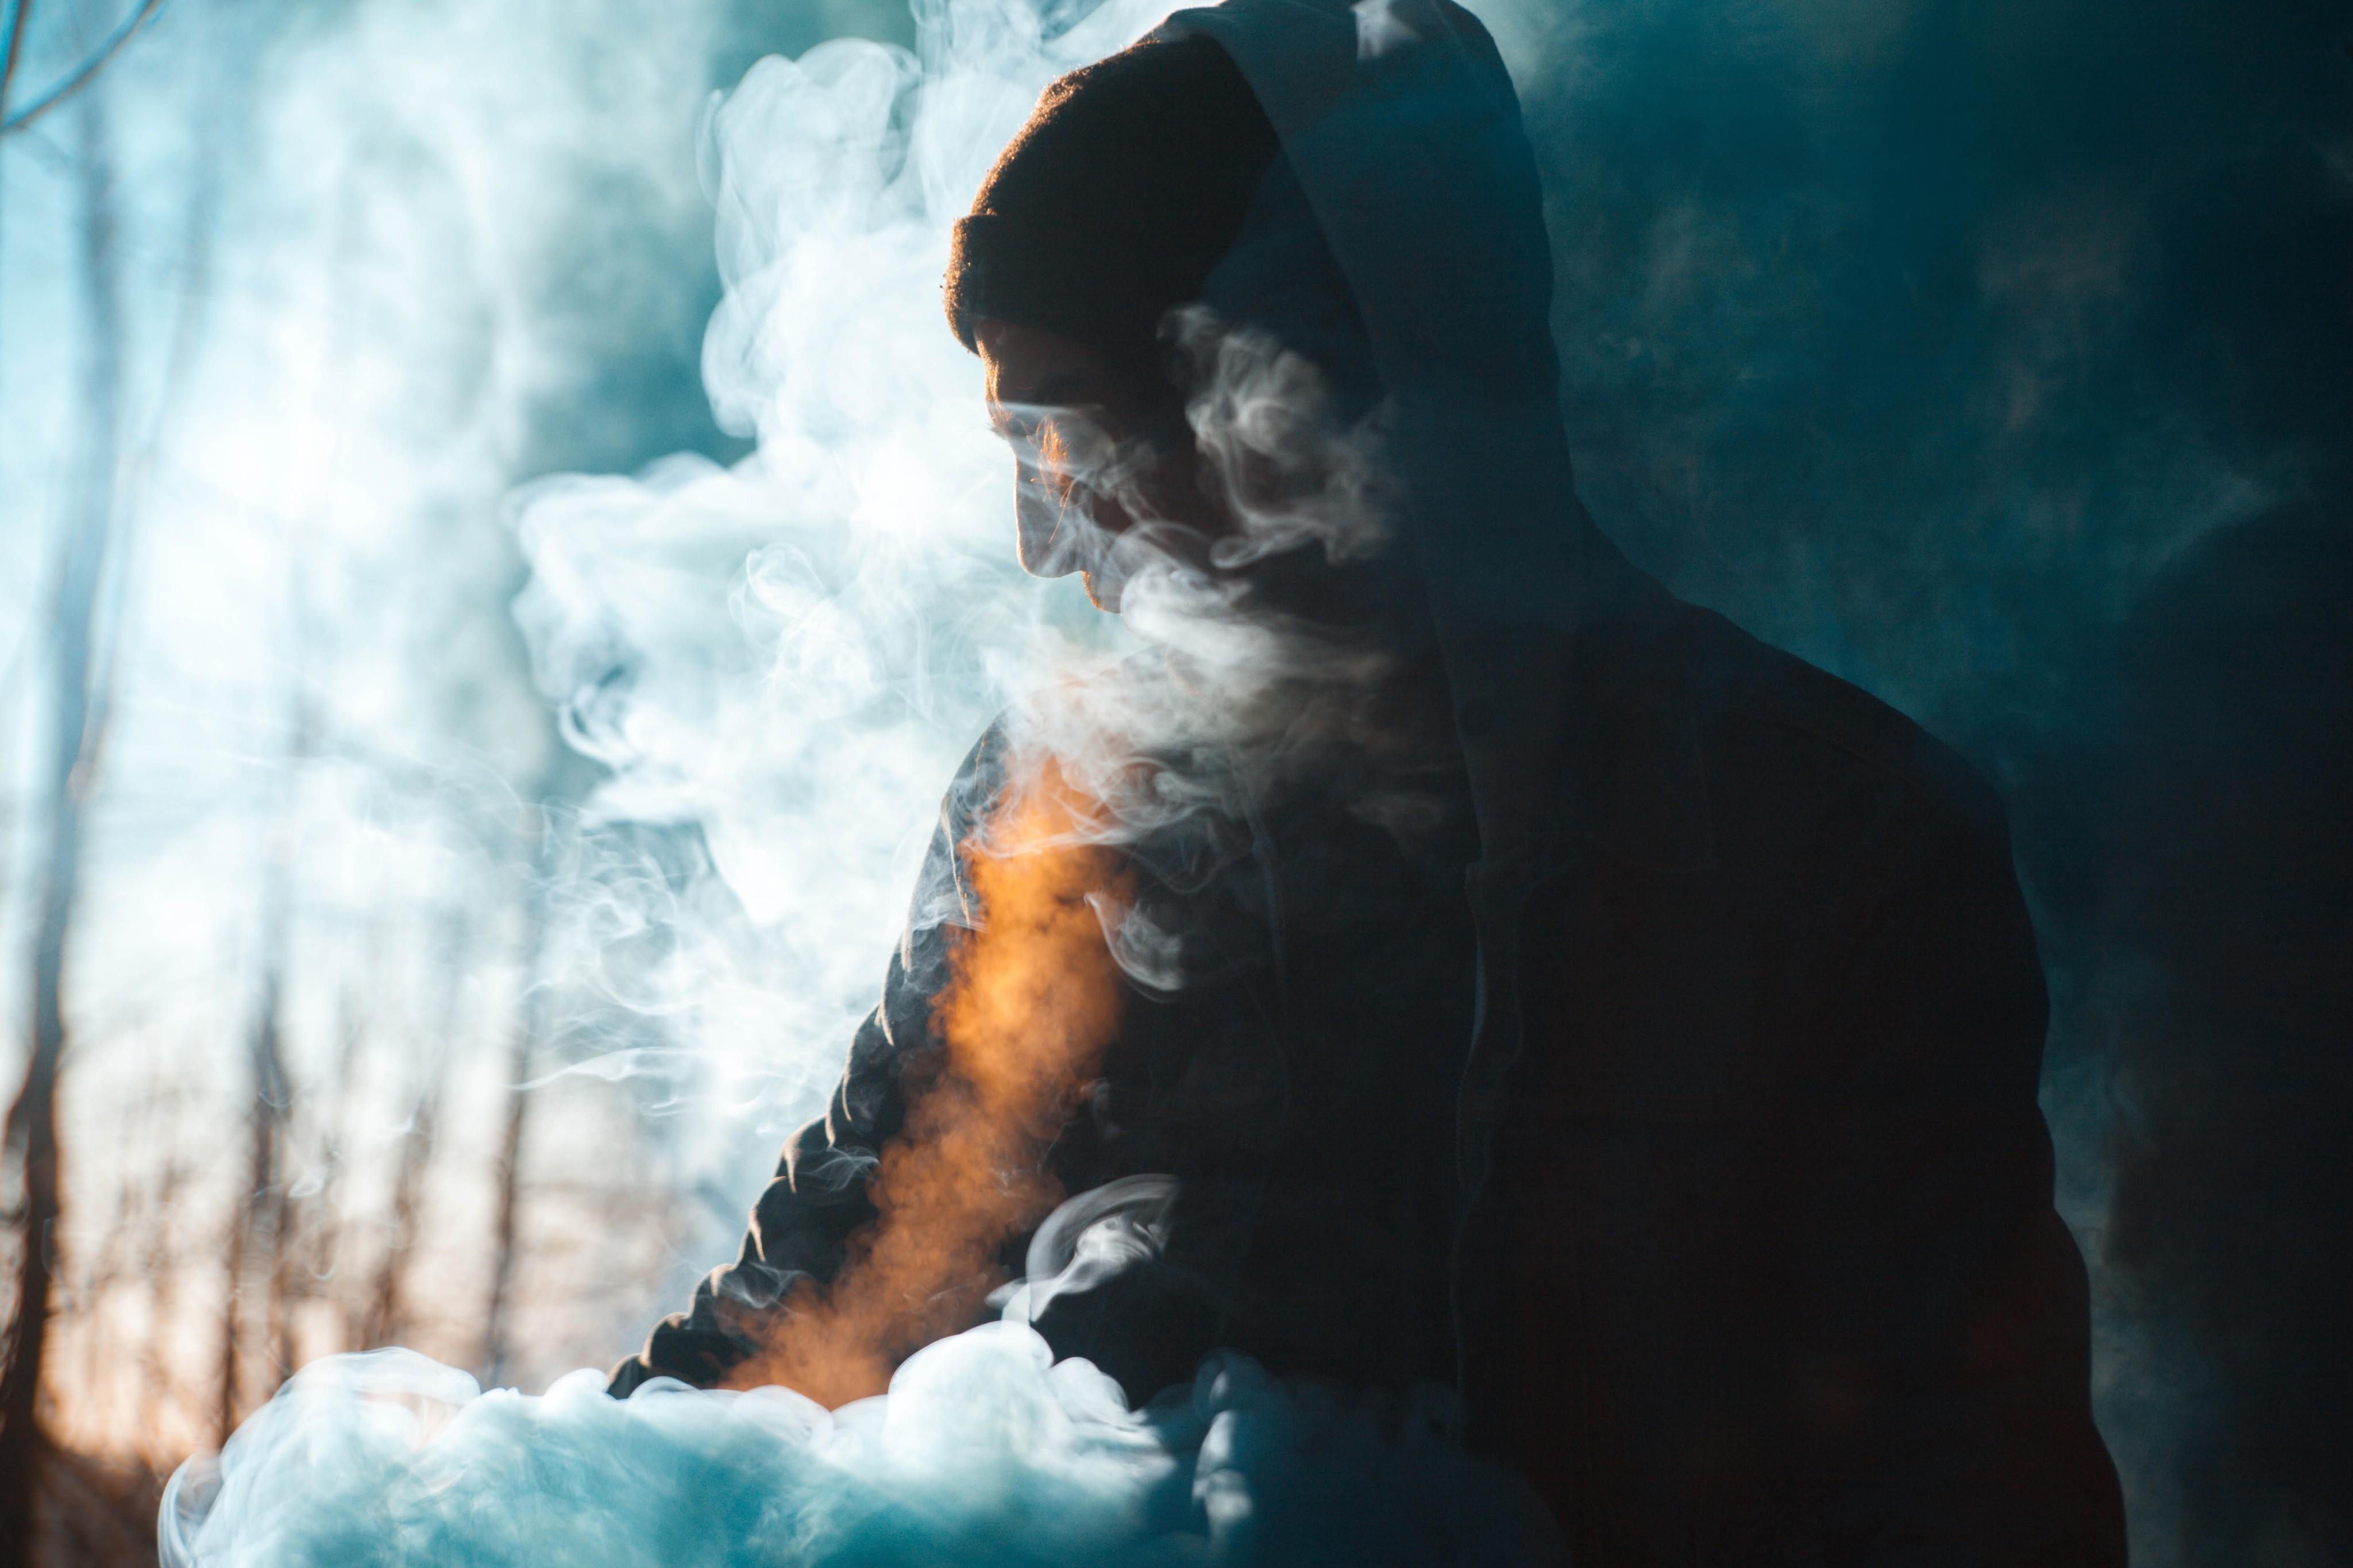 Сигареты или кальян: что вреднее для здоровья?